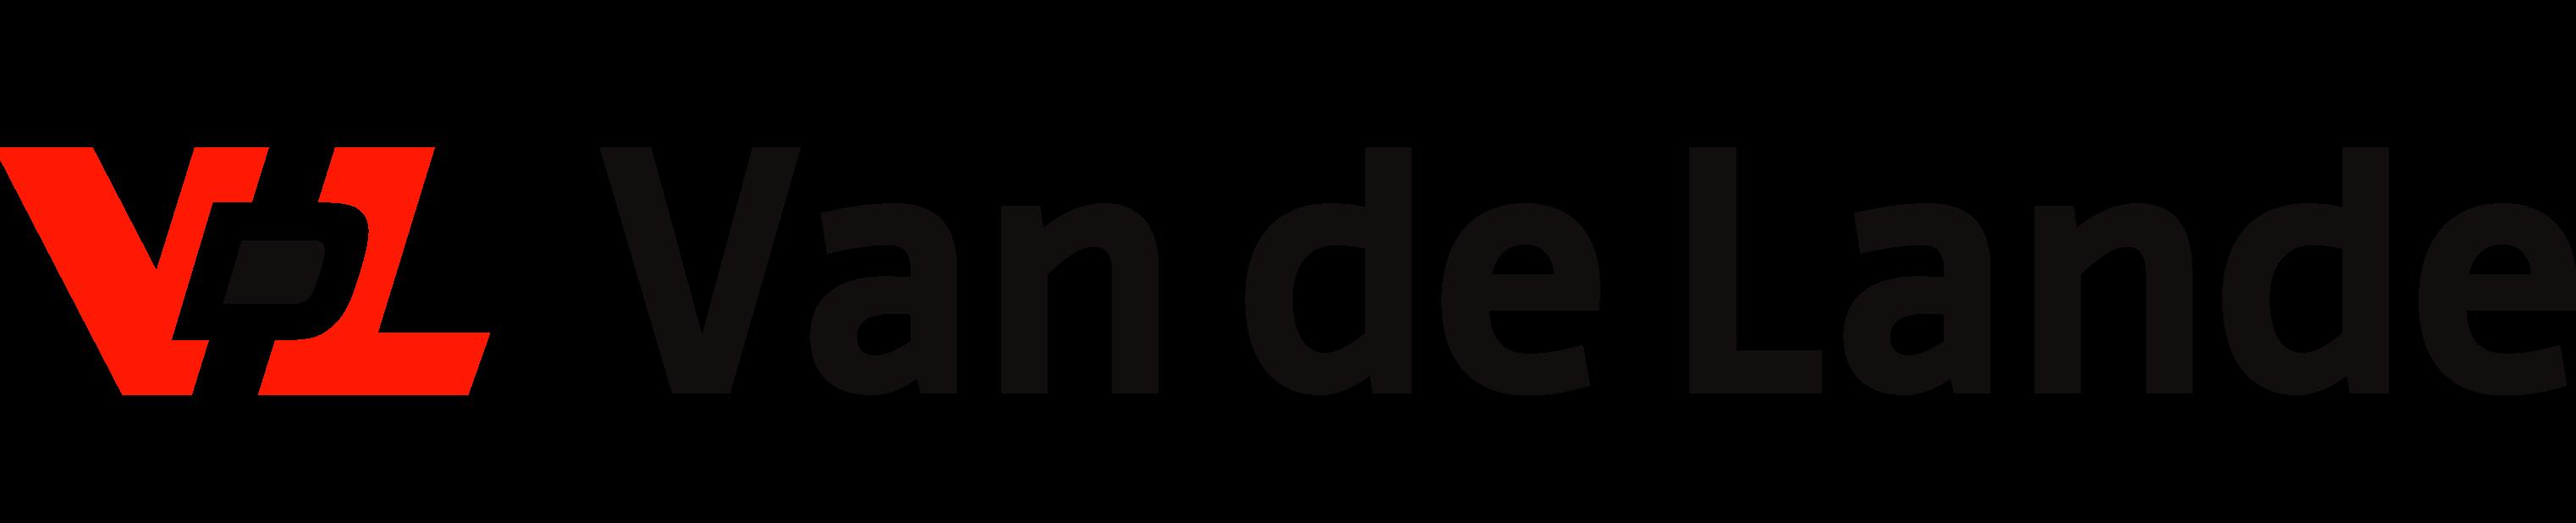 Van de lande logo